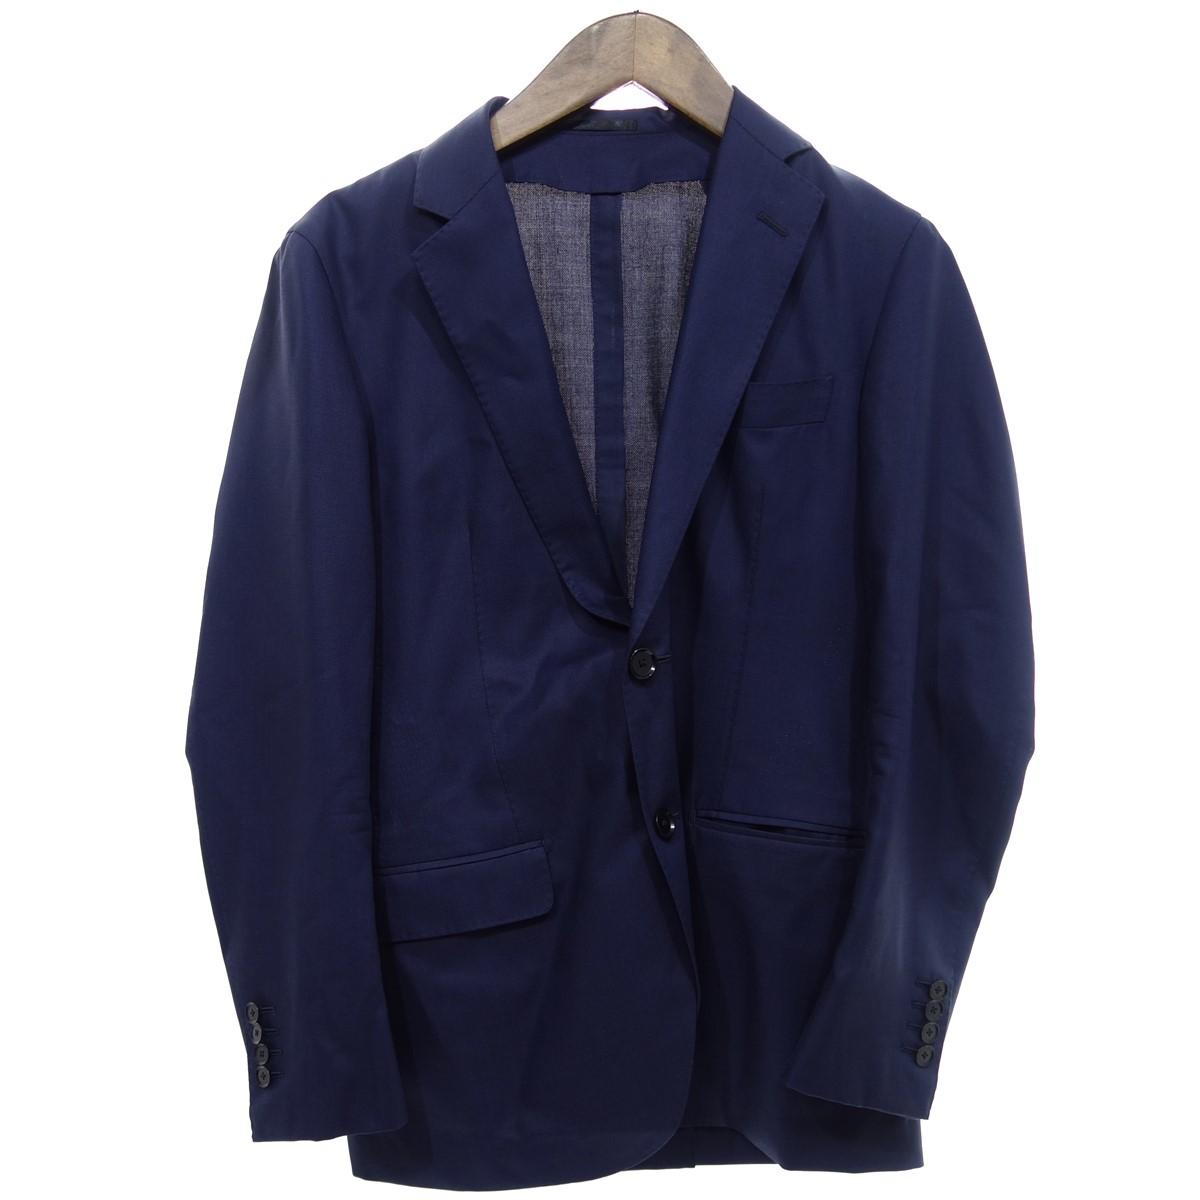 【中古】TOMORROW LAND 19AW super130's ウールシルクポップ テーラードジャケット ネイビー サイズ:44 【300320】(トゥモローランド)